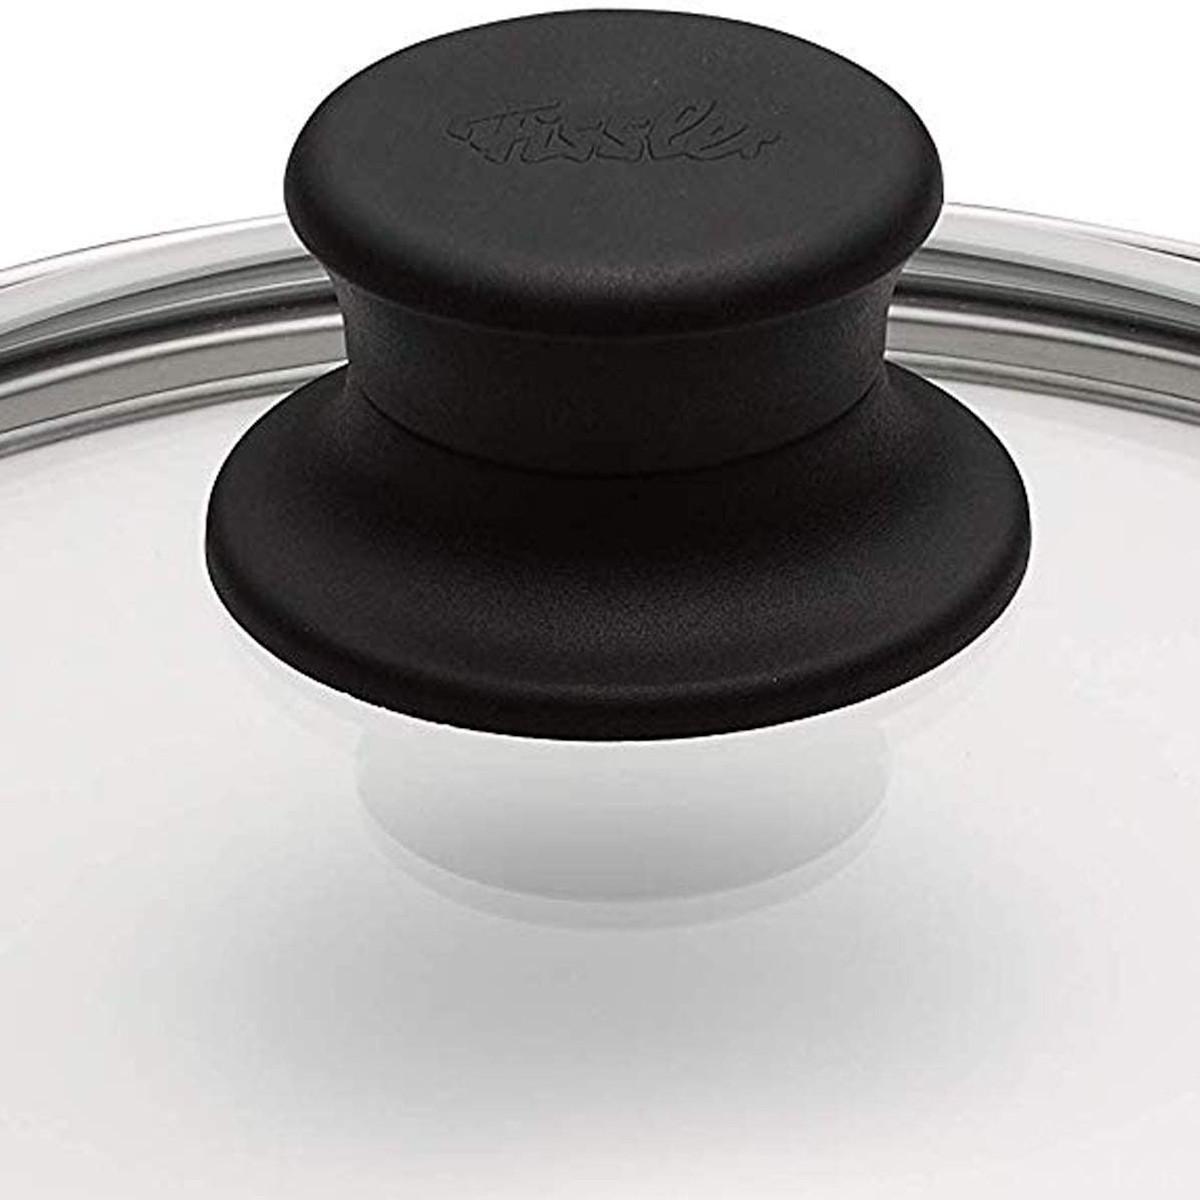 【Fissler】 ガラス蓋 フライパン26cm用 アダマント クラシック 157-304-26-100 フィスラー